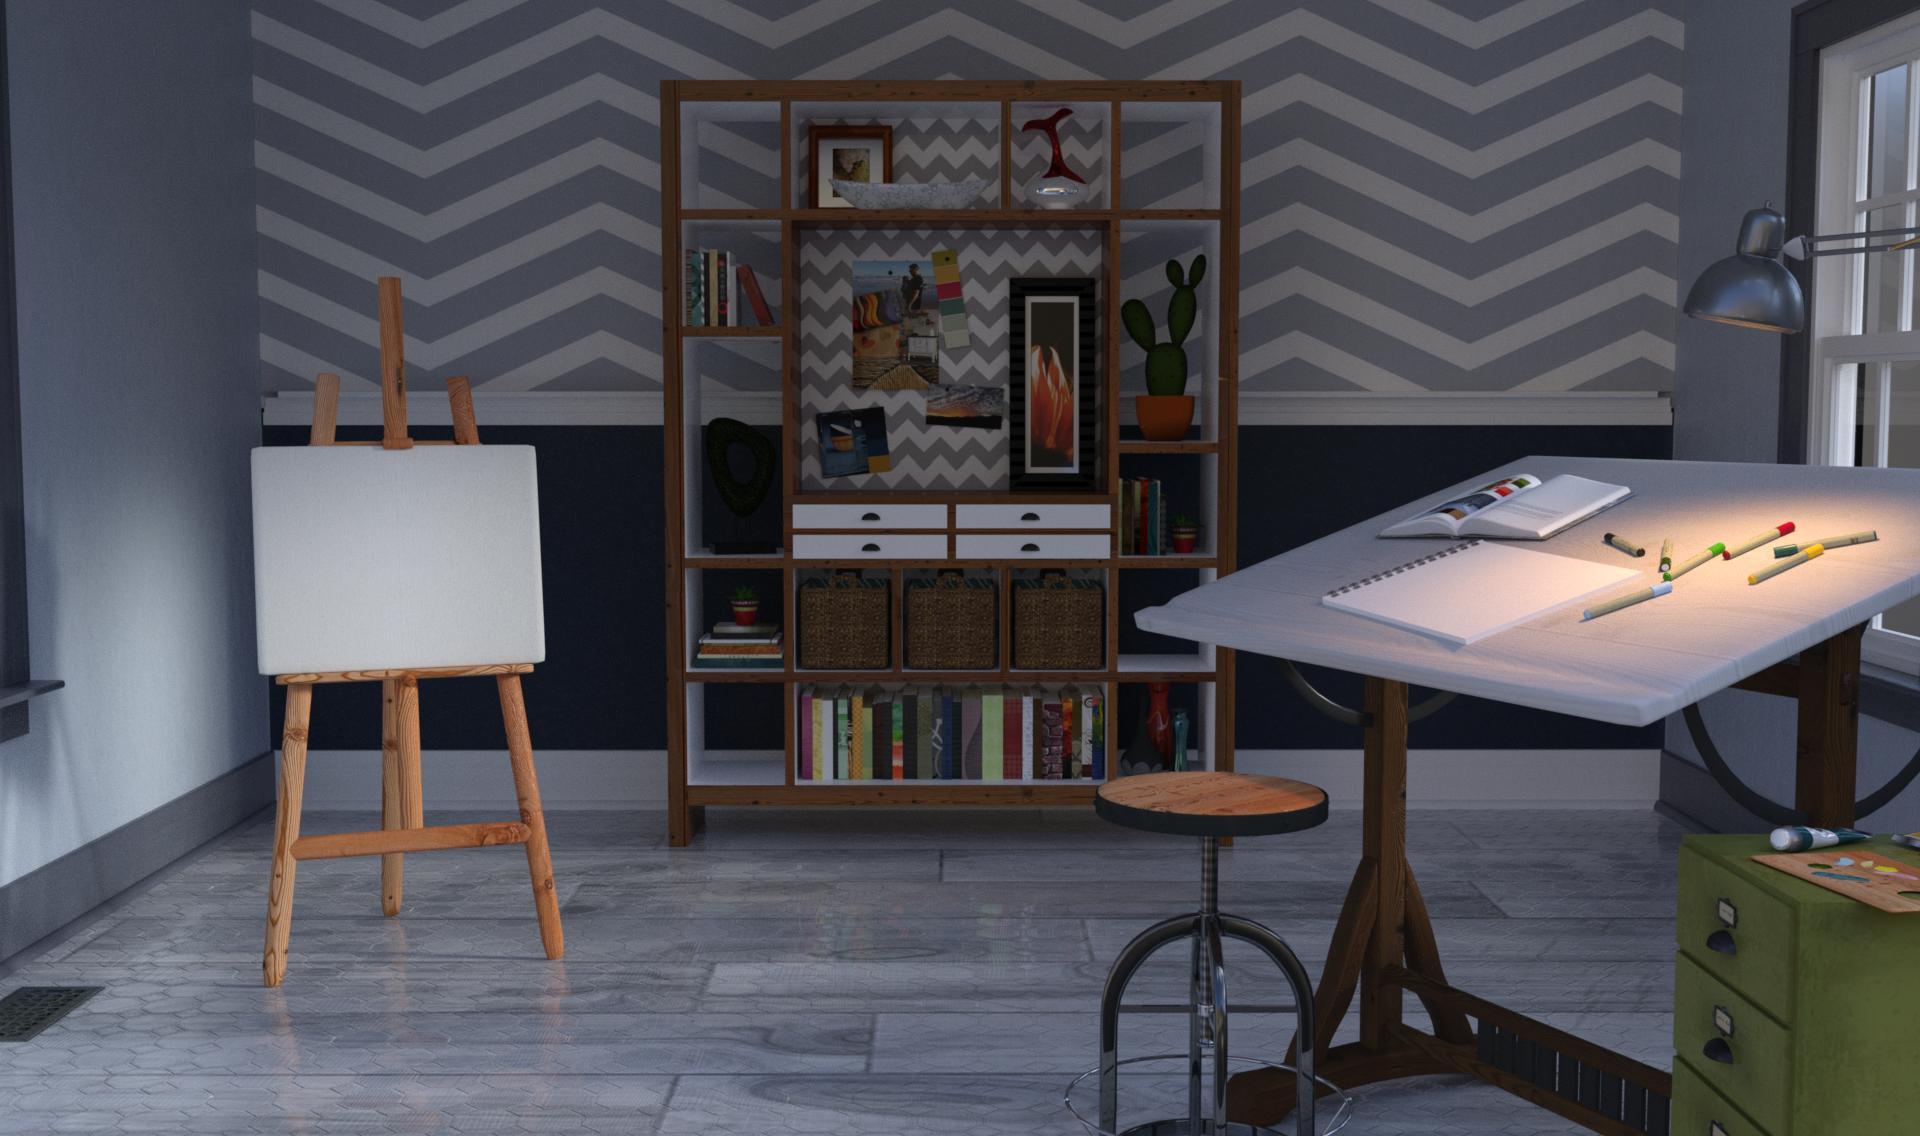 Anime Background Empty Room